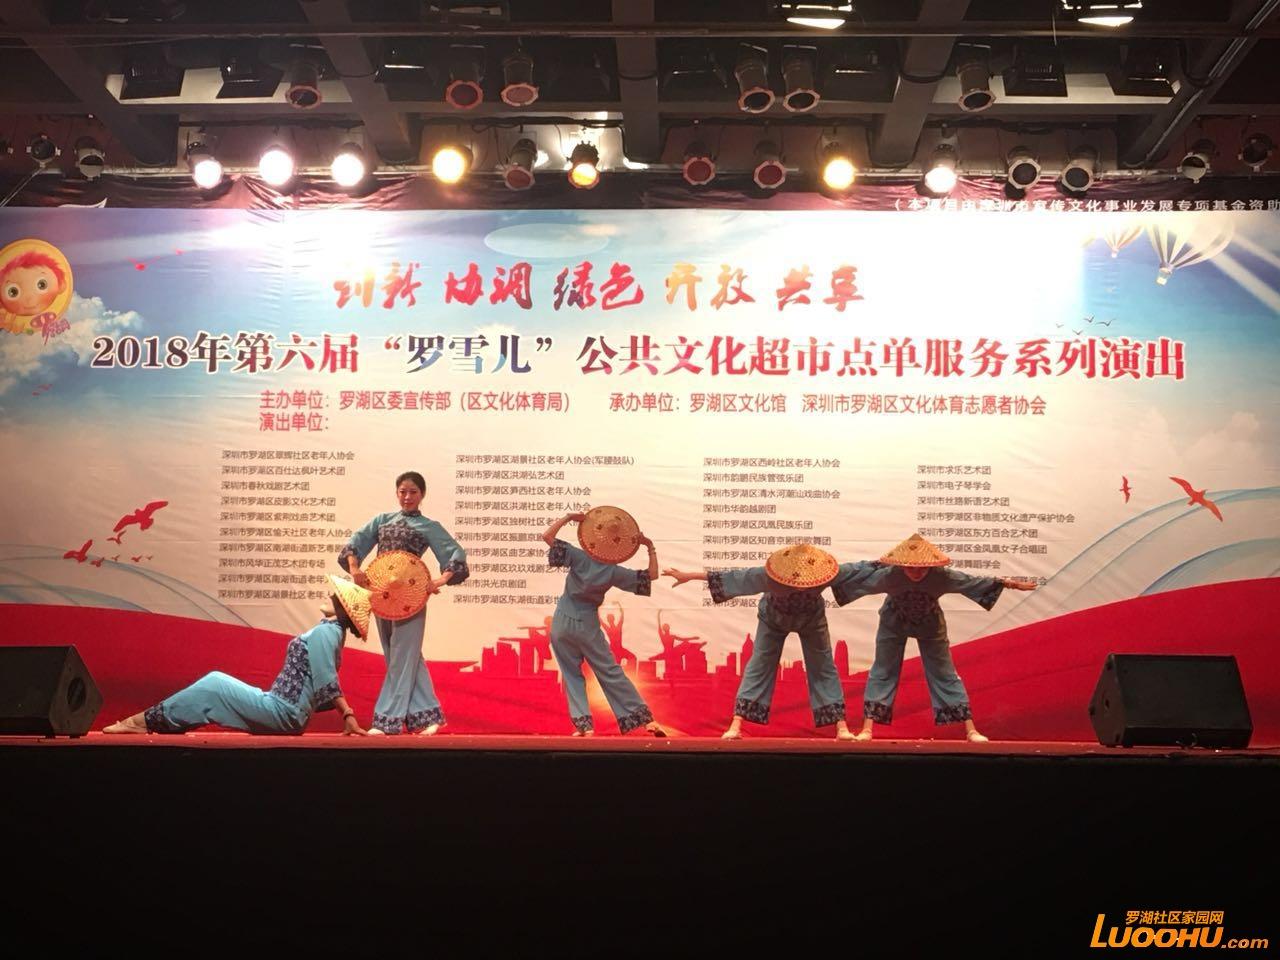 东湖公园群舞.jpg